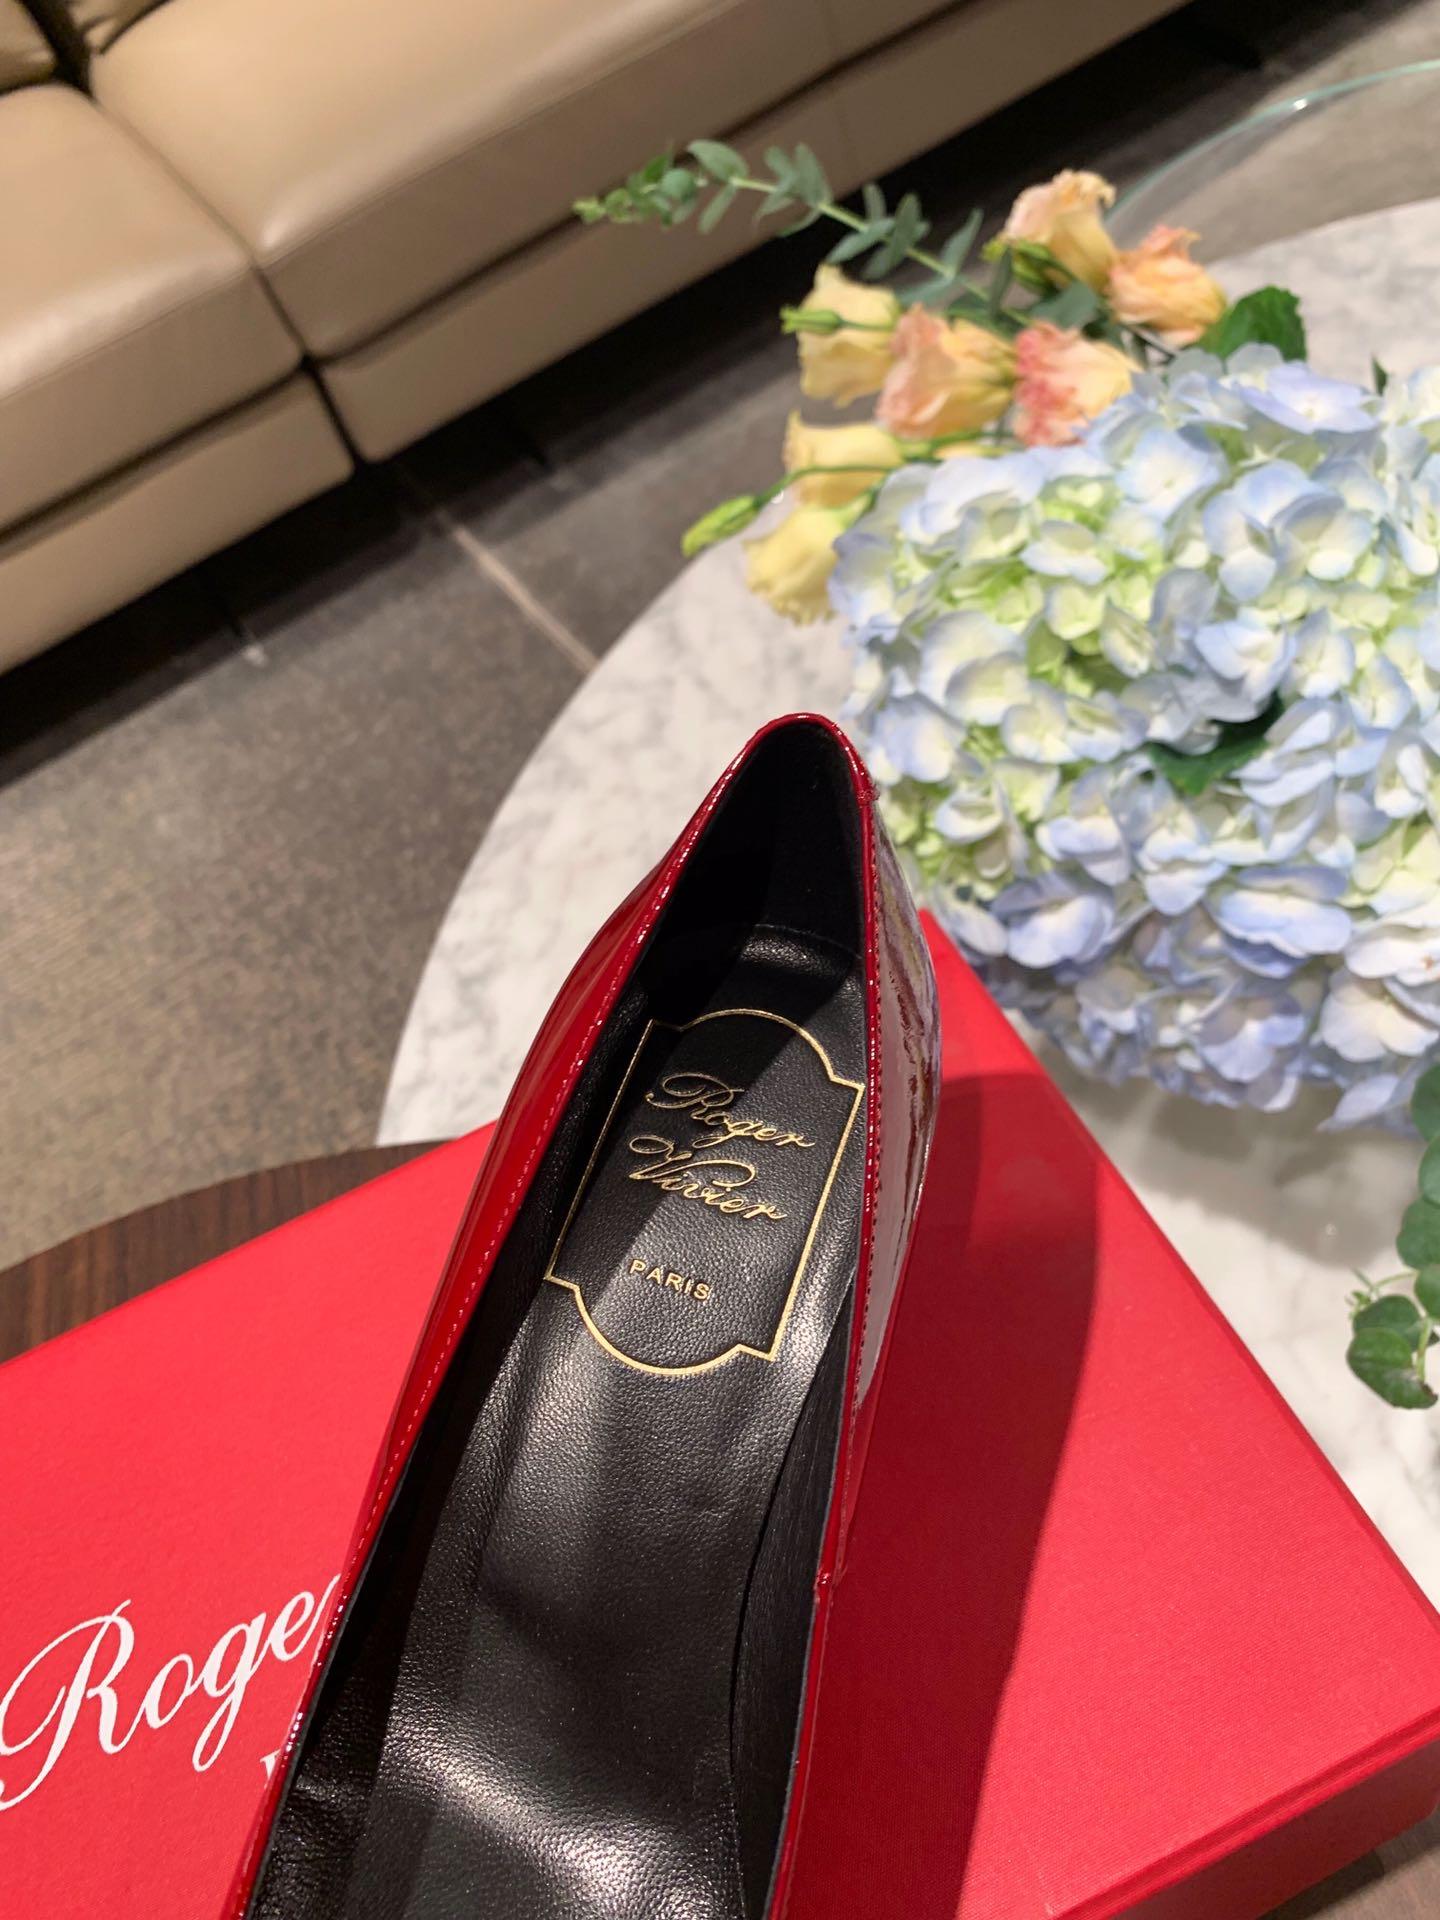 020新款高跟鞋